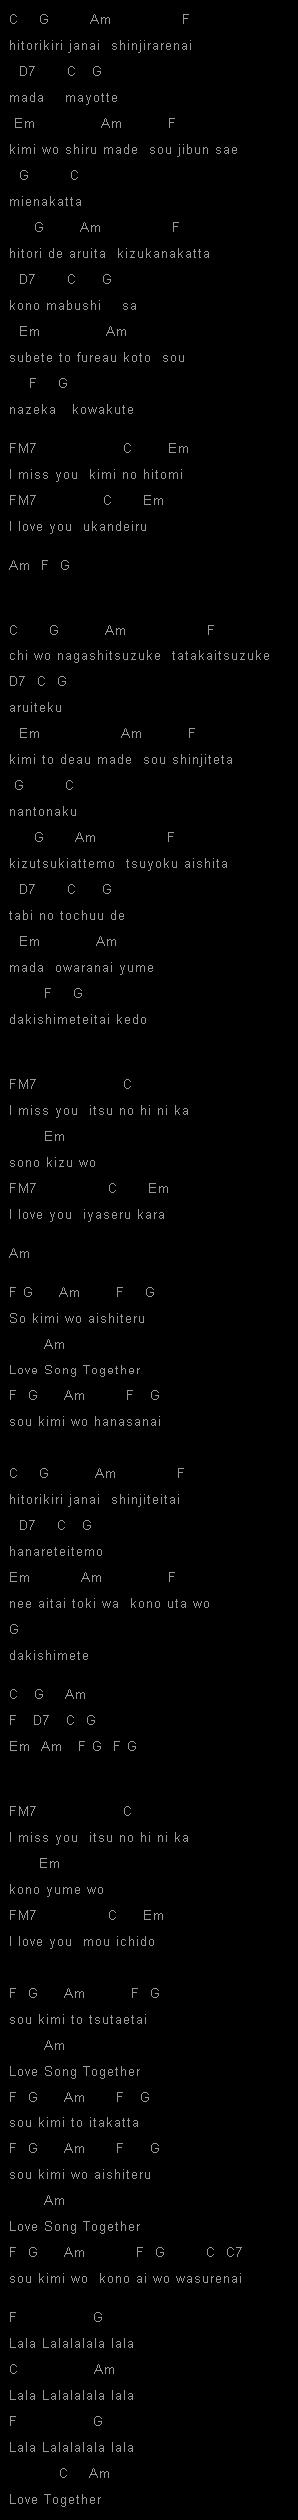 love.song.luna.sea